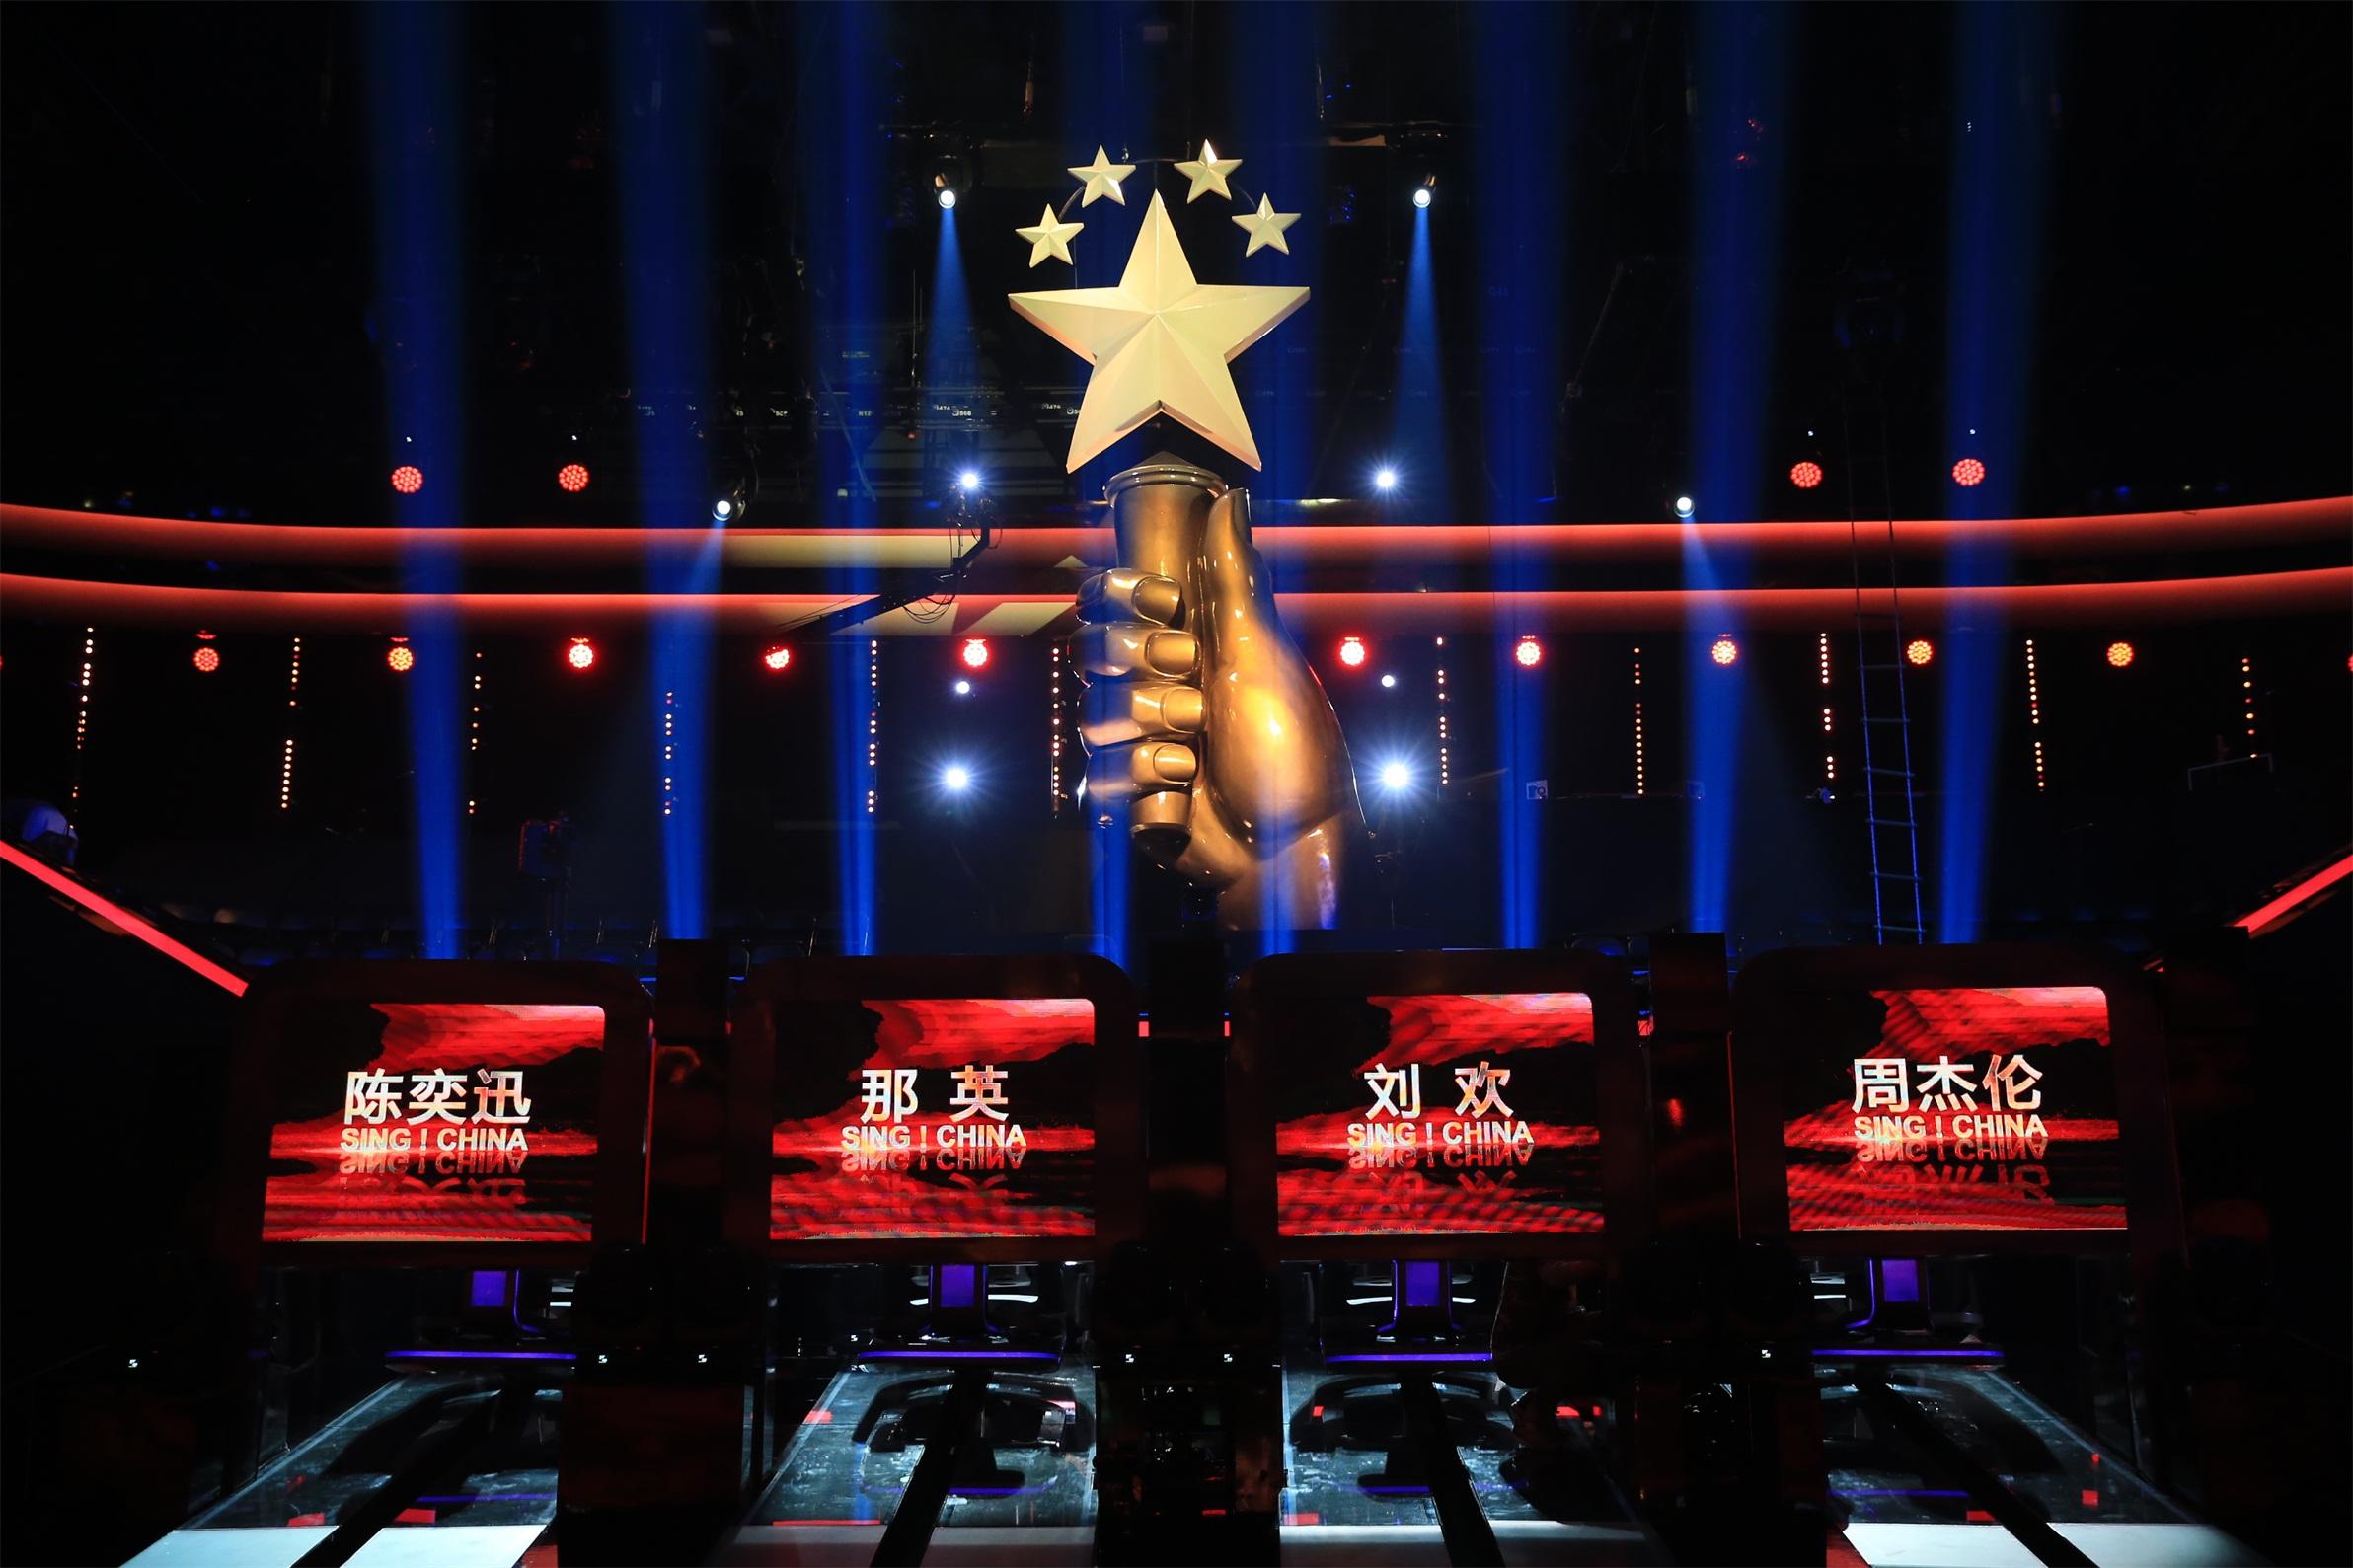 《中国新歌声》蓄势待发 导师集结打造音乐盛